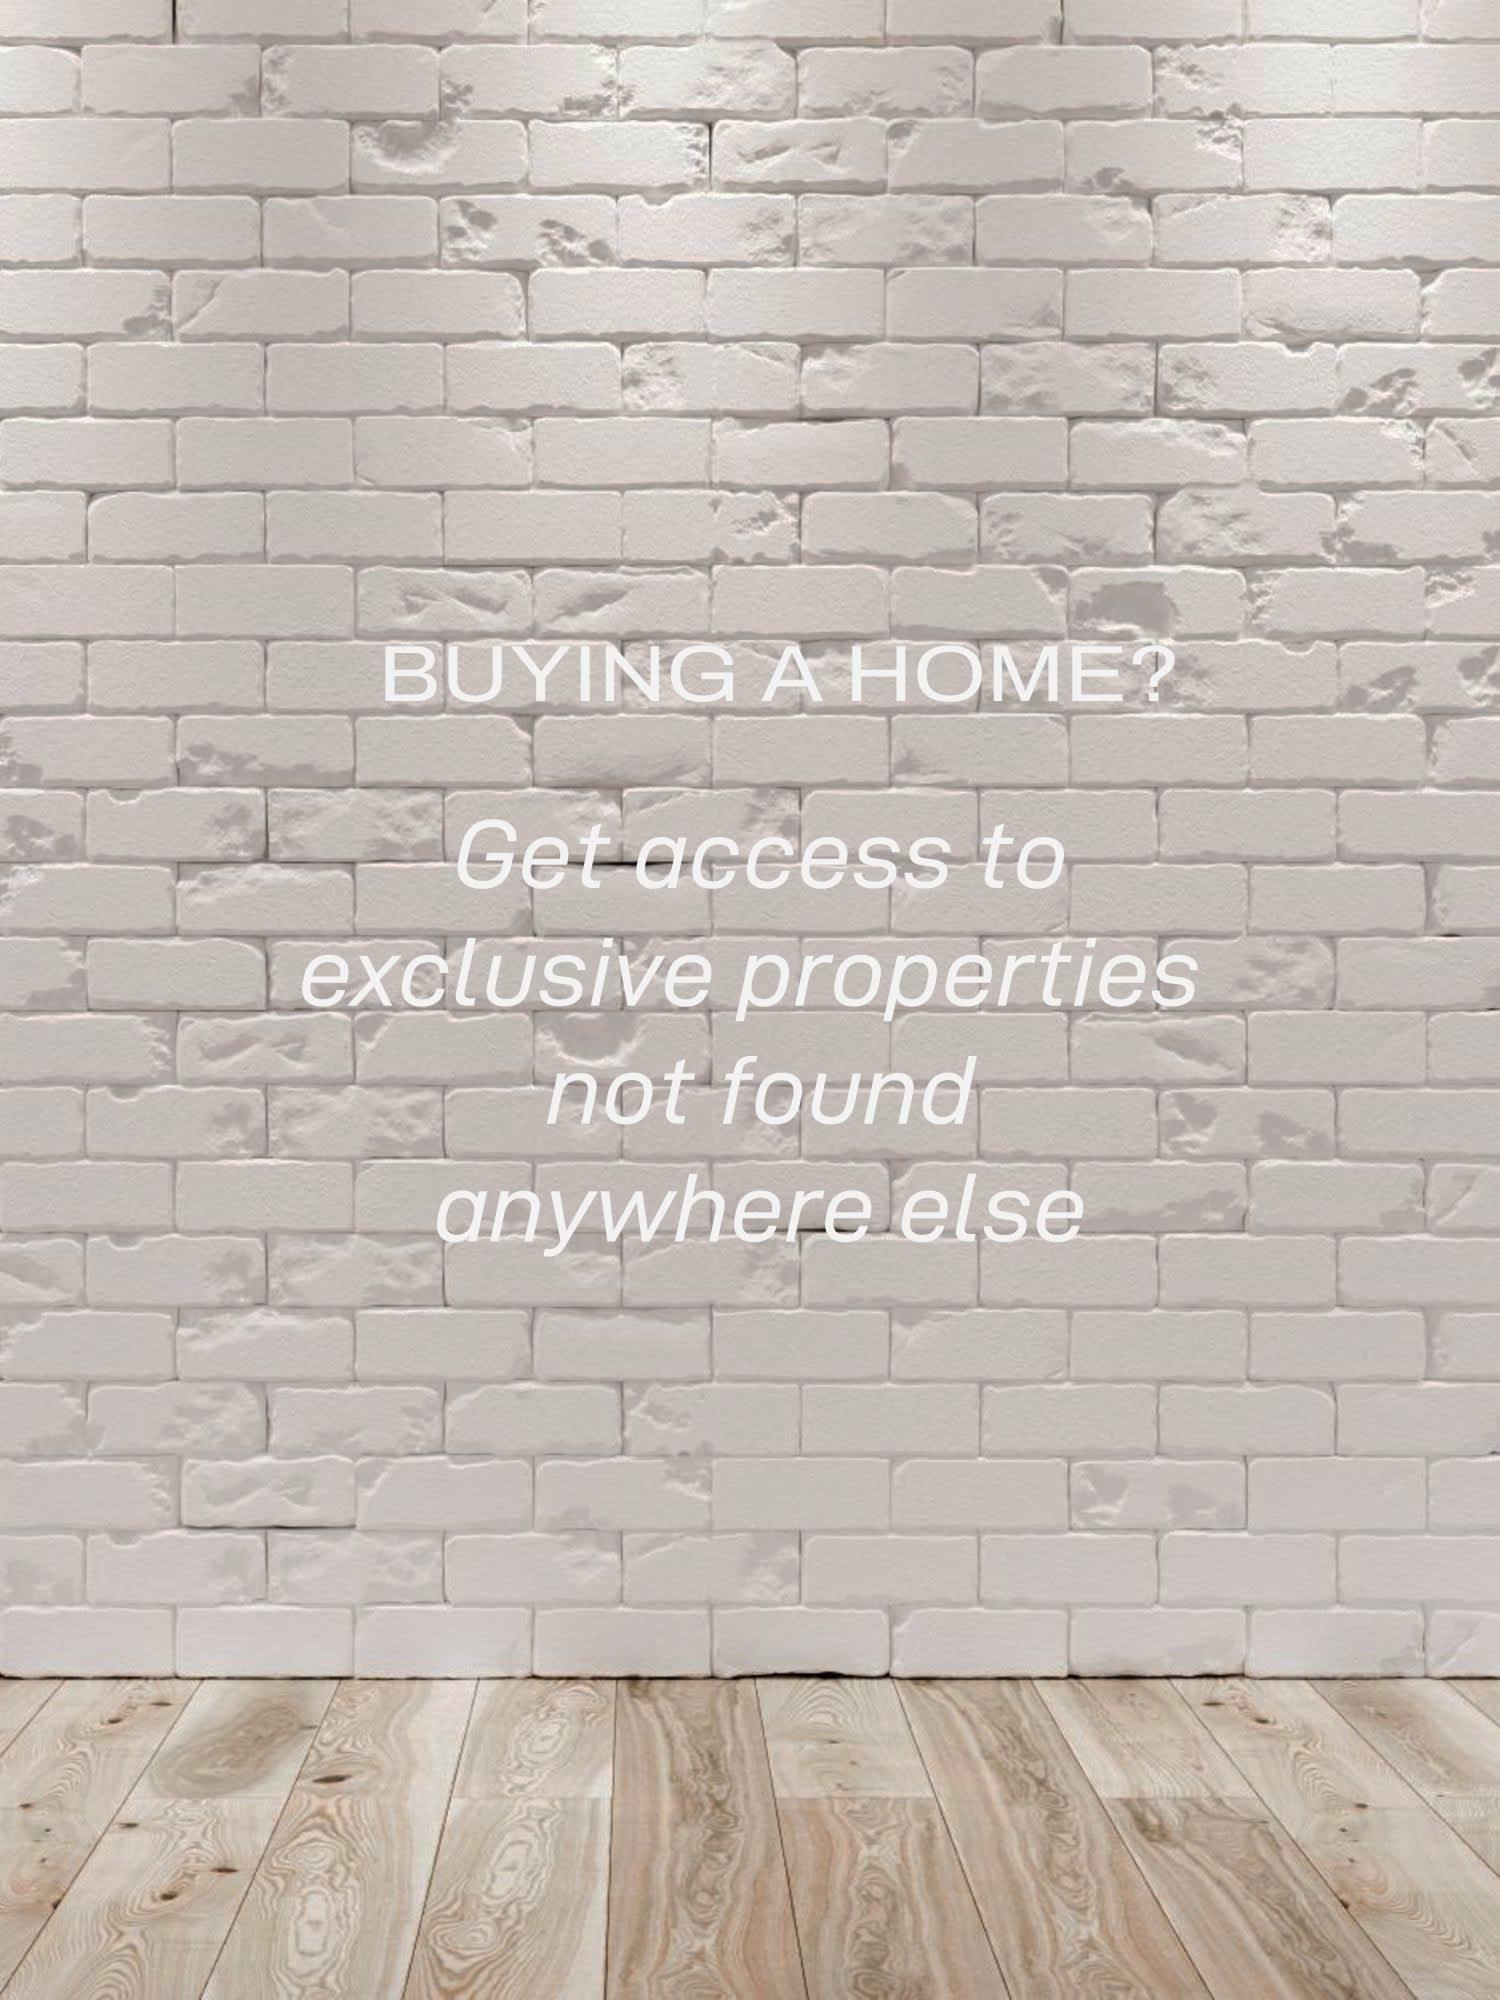 Request Properties image